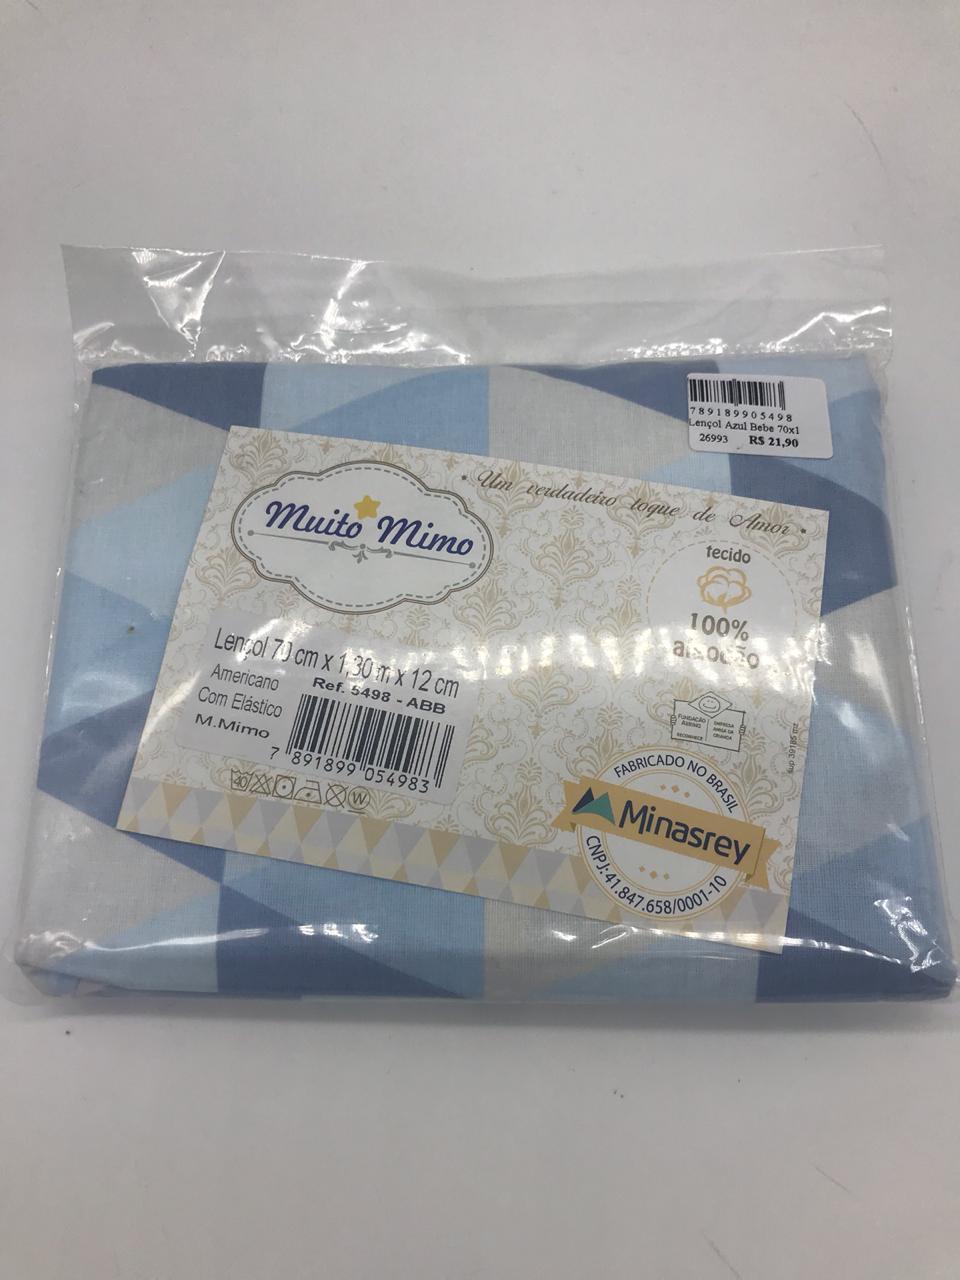 Lençol Triangulo Azul Bebe 70x1,30x12cm Com Elastico - m Mimo Minasrey Ref 5498